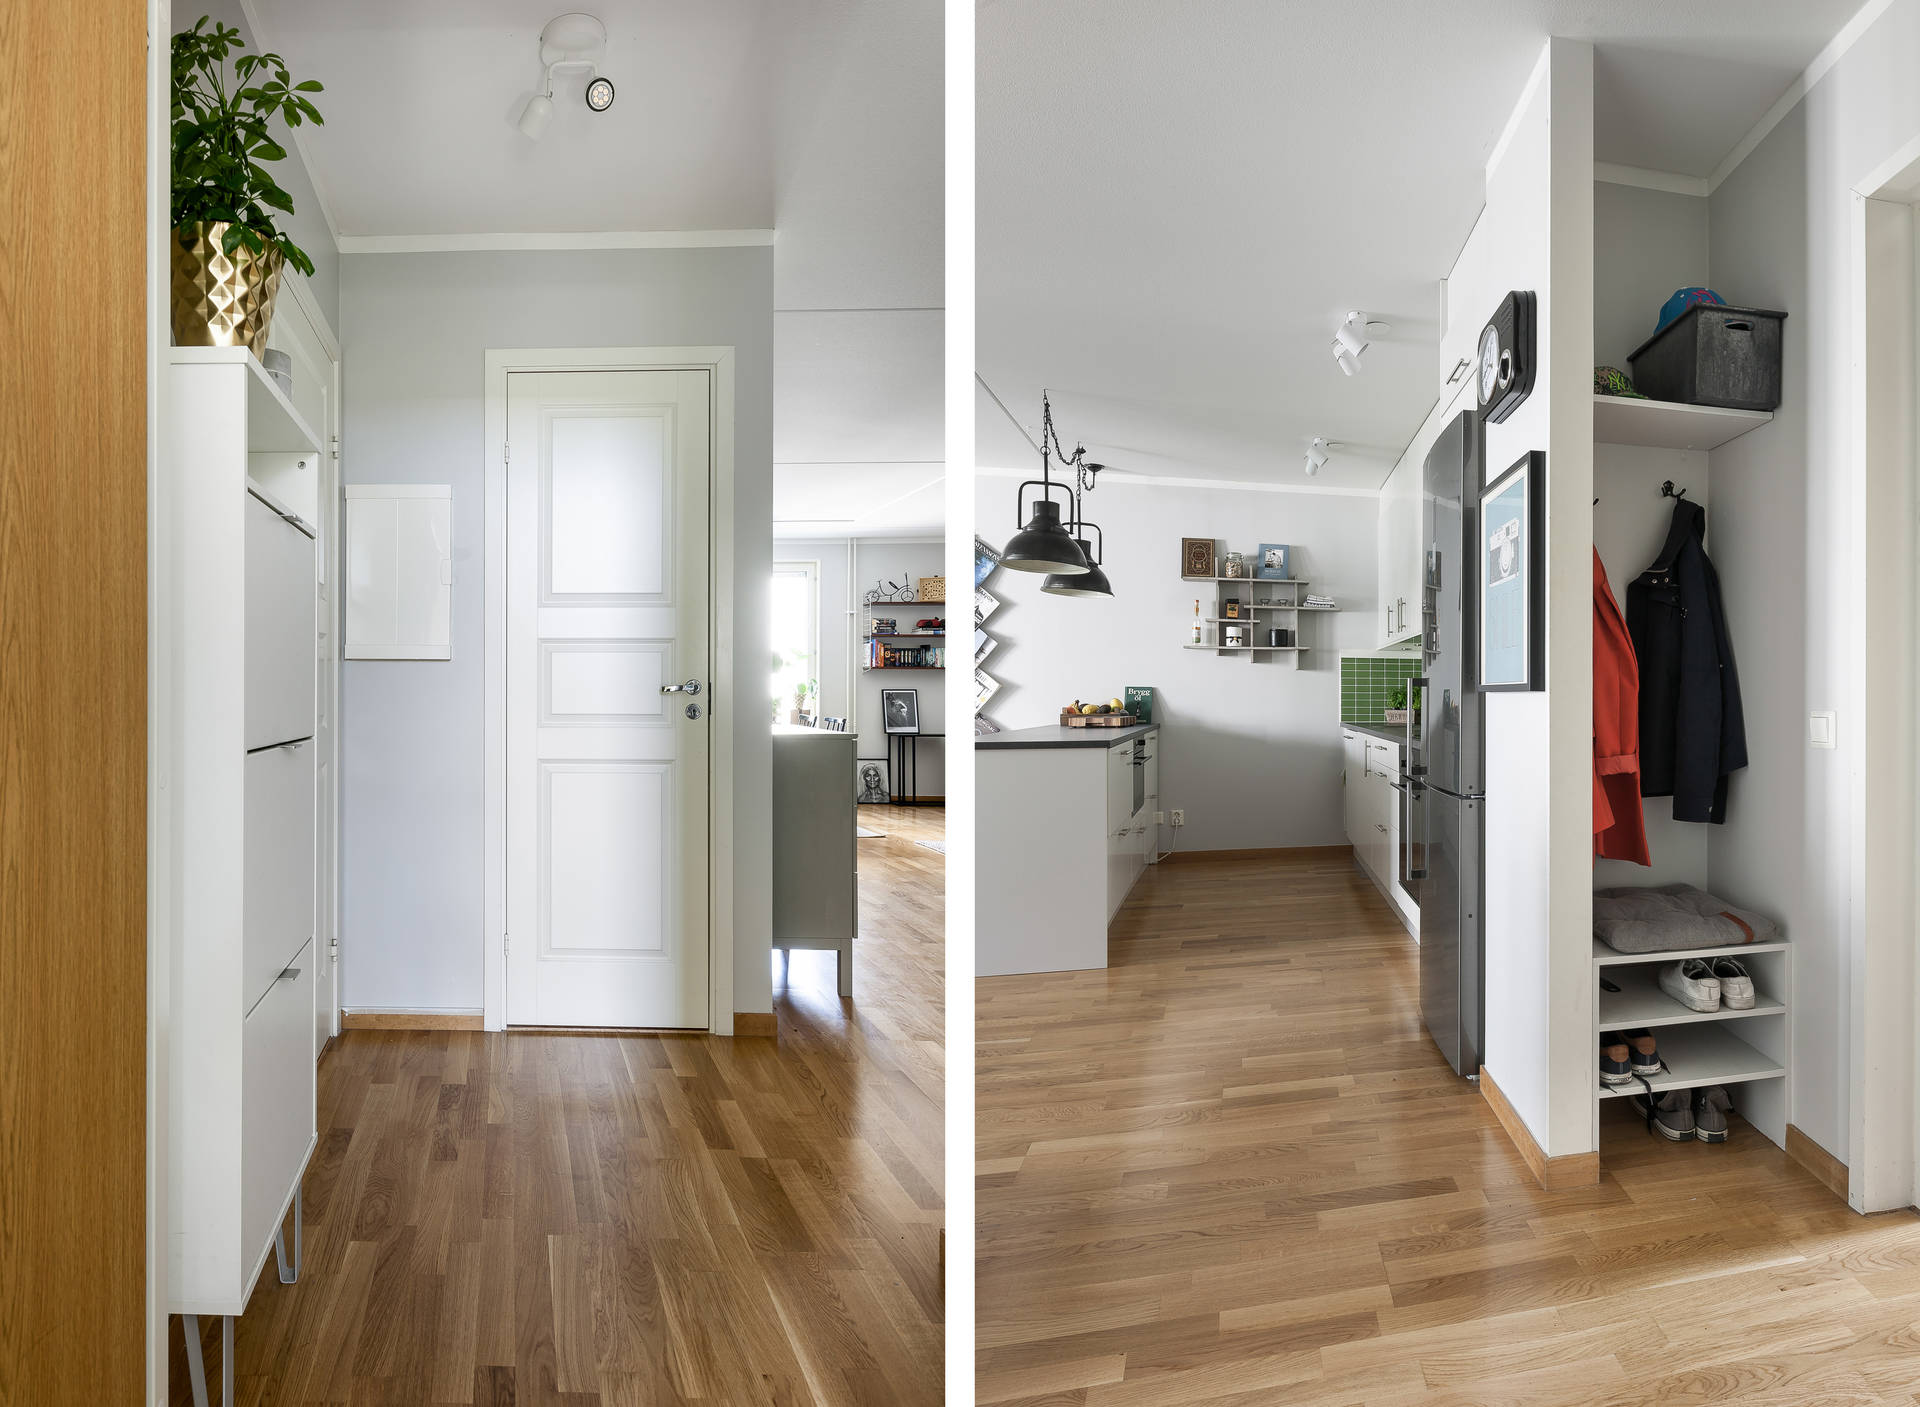 кухня прихожая входная дверь коридор